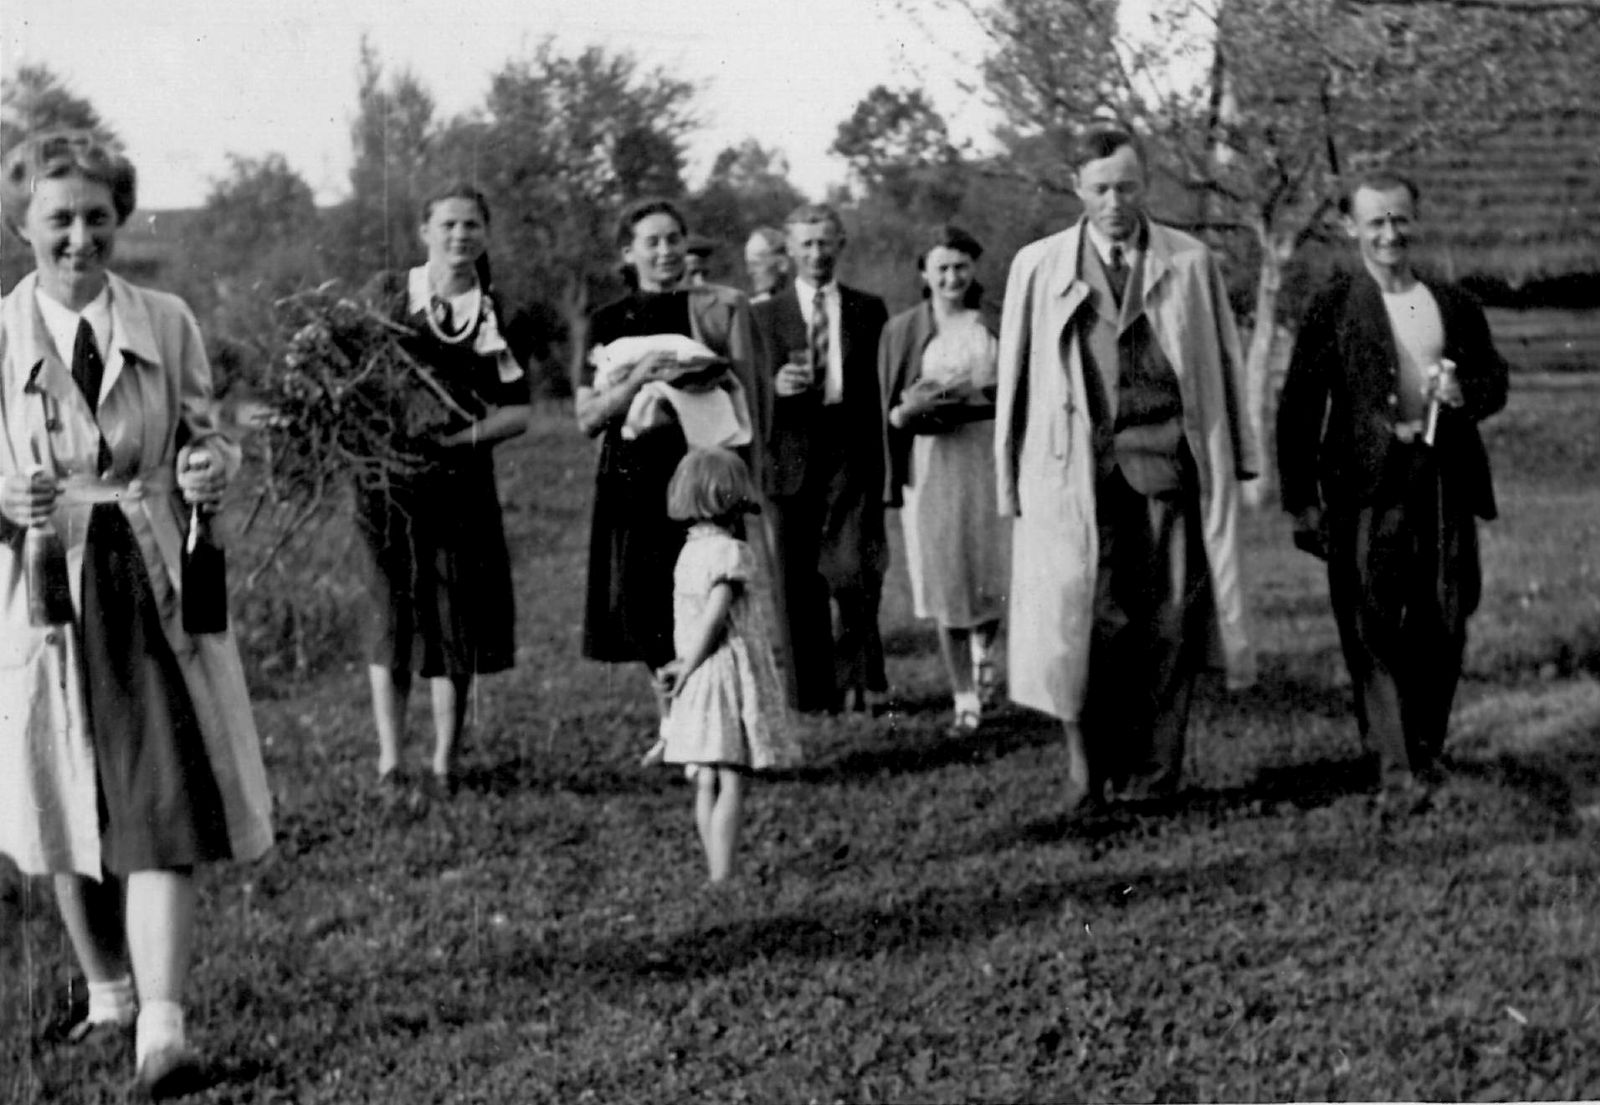 Dwór w Brzeznej - wesela, sale weselne, organizacja wesel, przyjęcia, uroczystości rodzinne, studniówki, komunia, urodziny, imieniny, stypy, Nowy Sącz, Stary Sącz, Podegrodzie, Brzezna